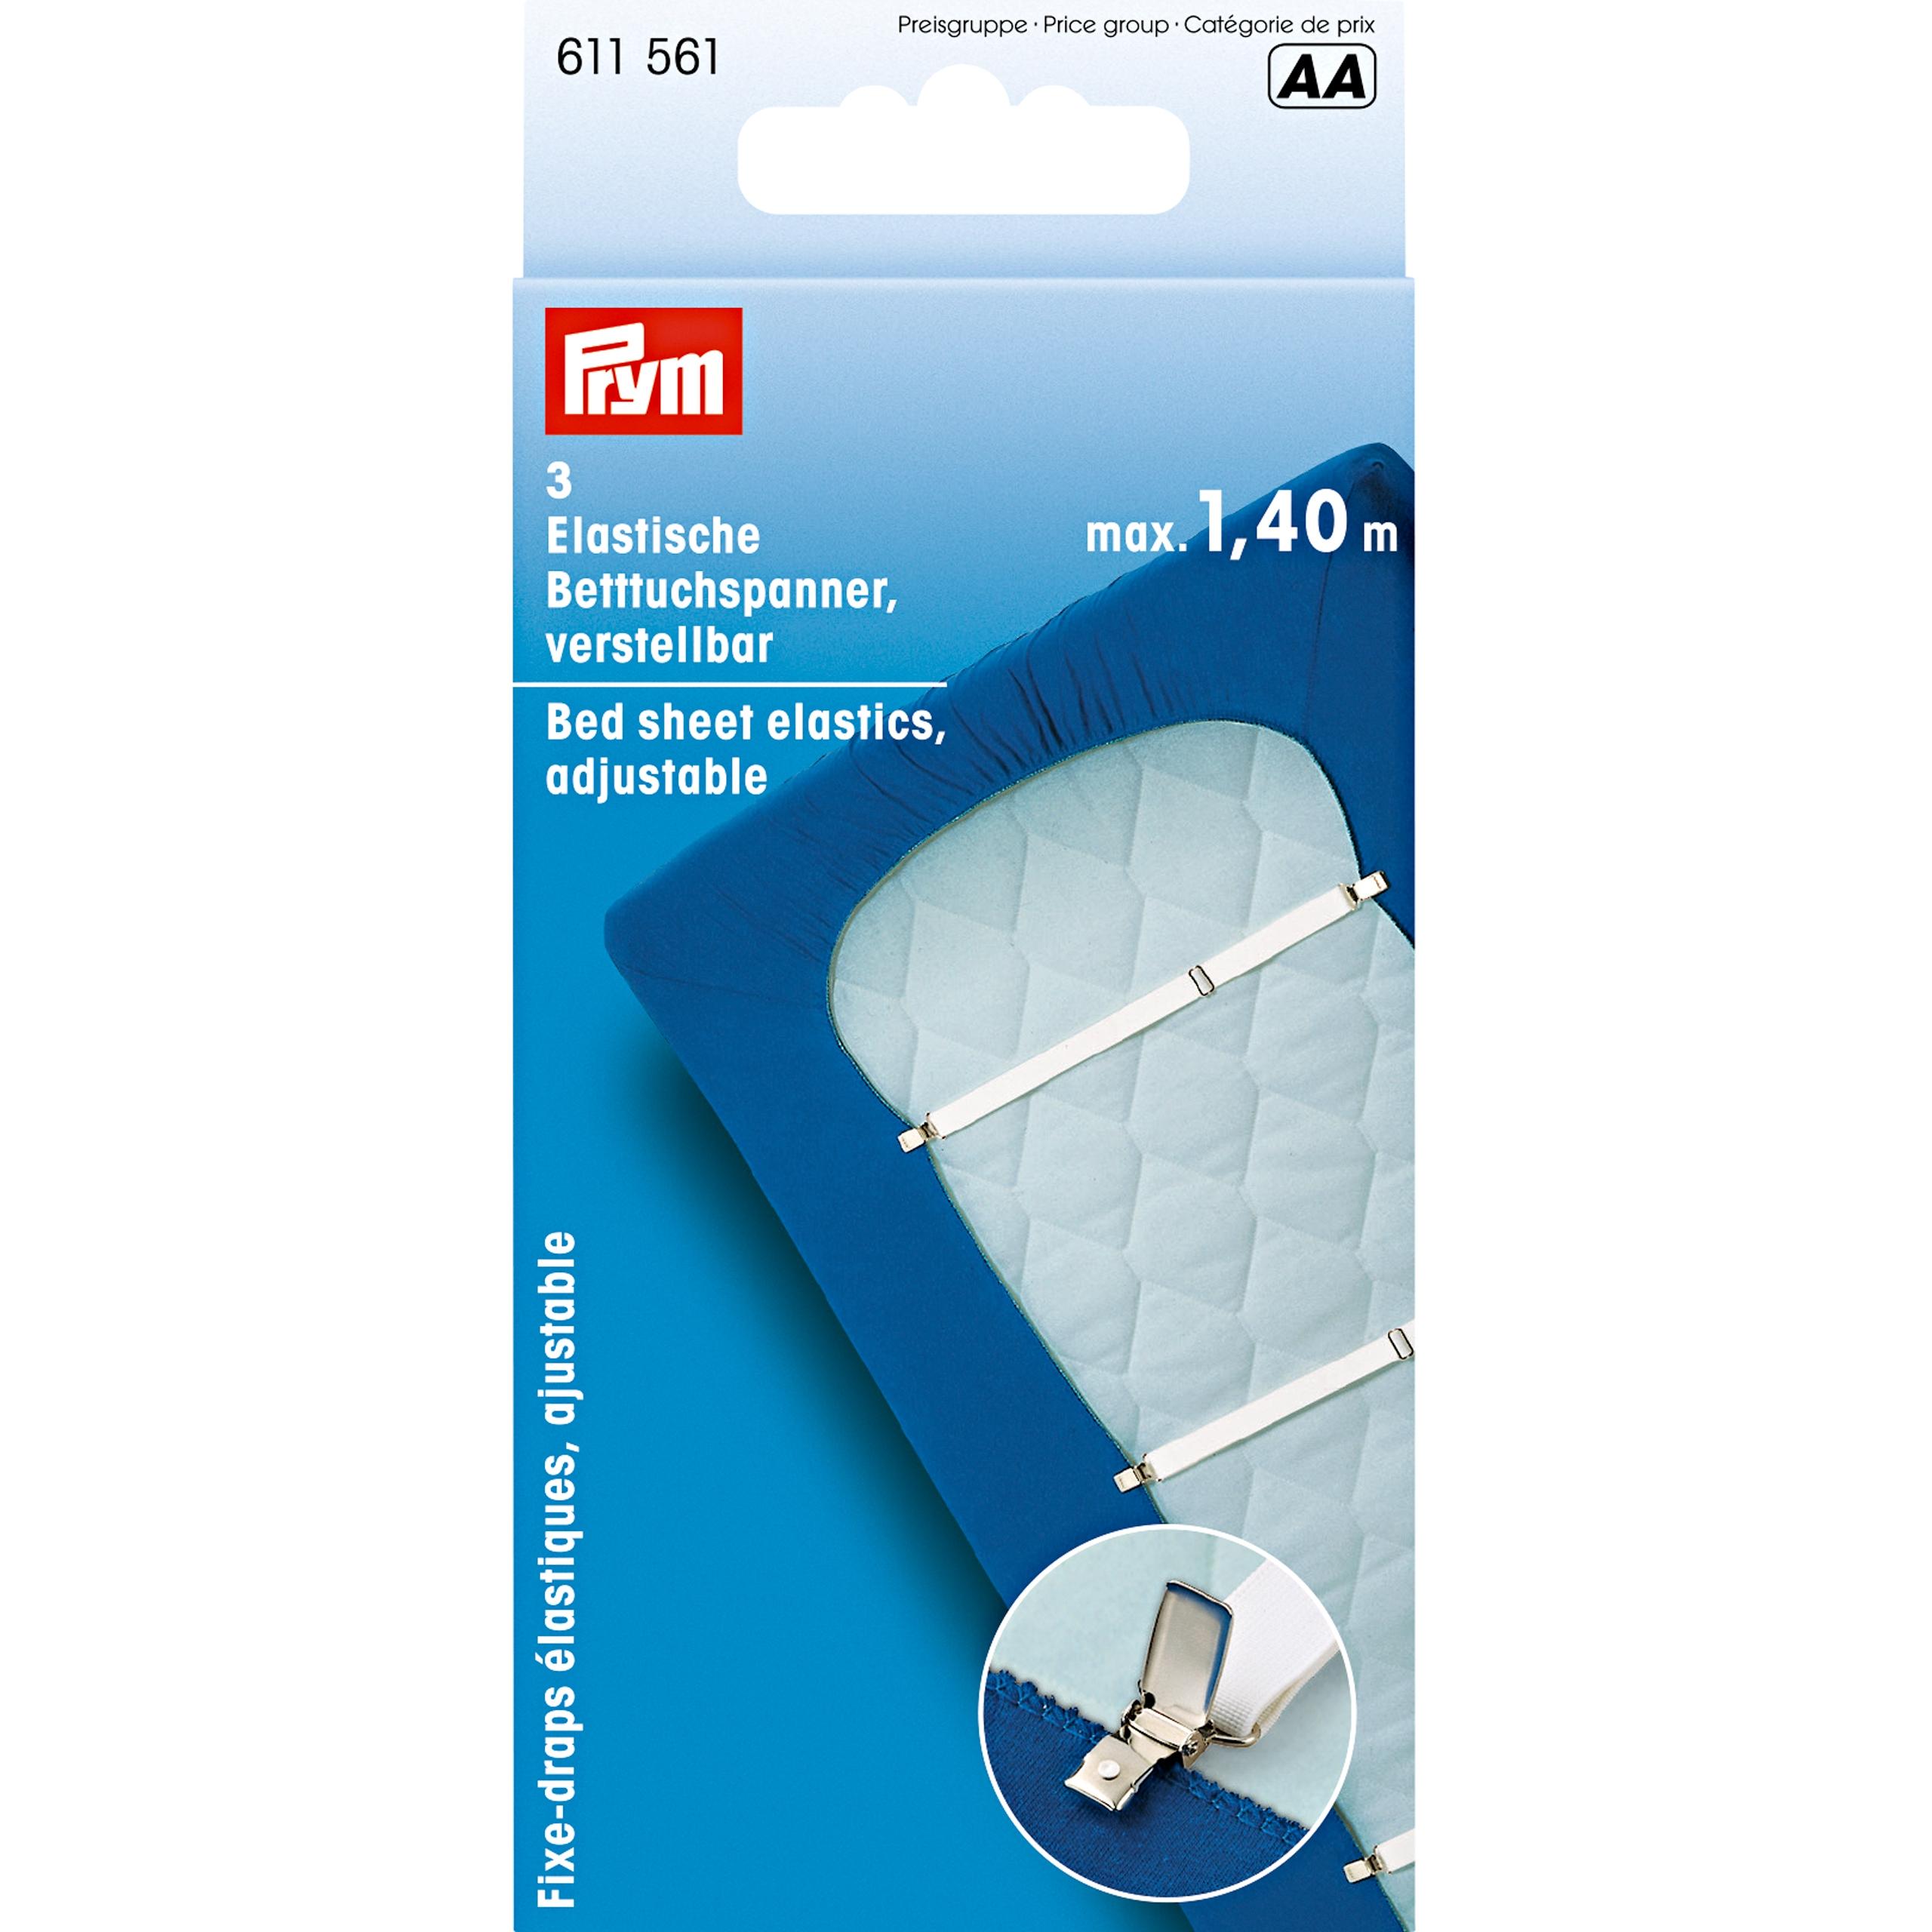 Prym - Betttuchspanner - 611561